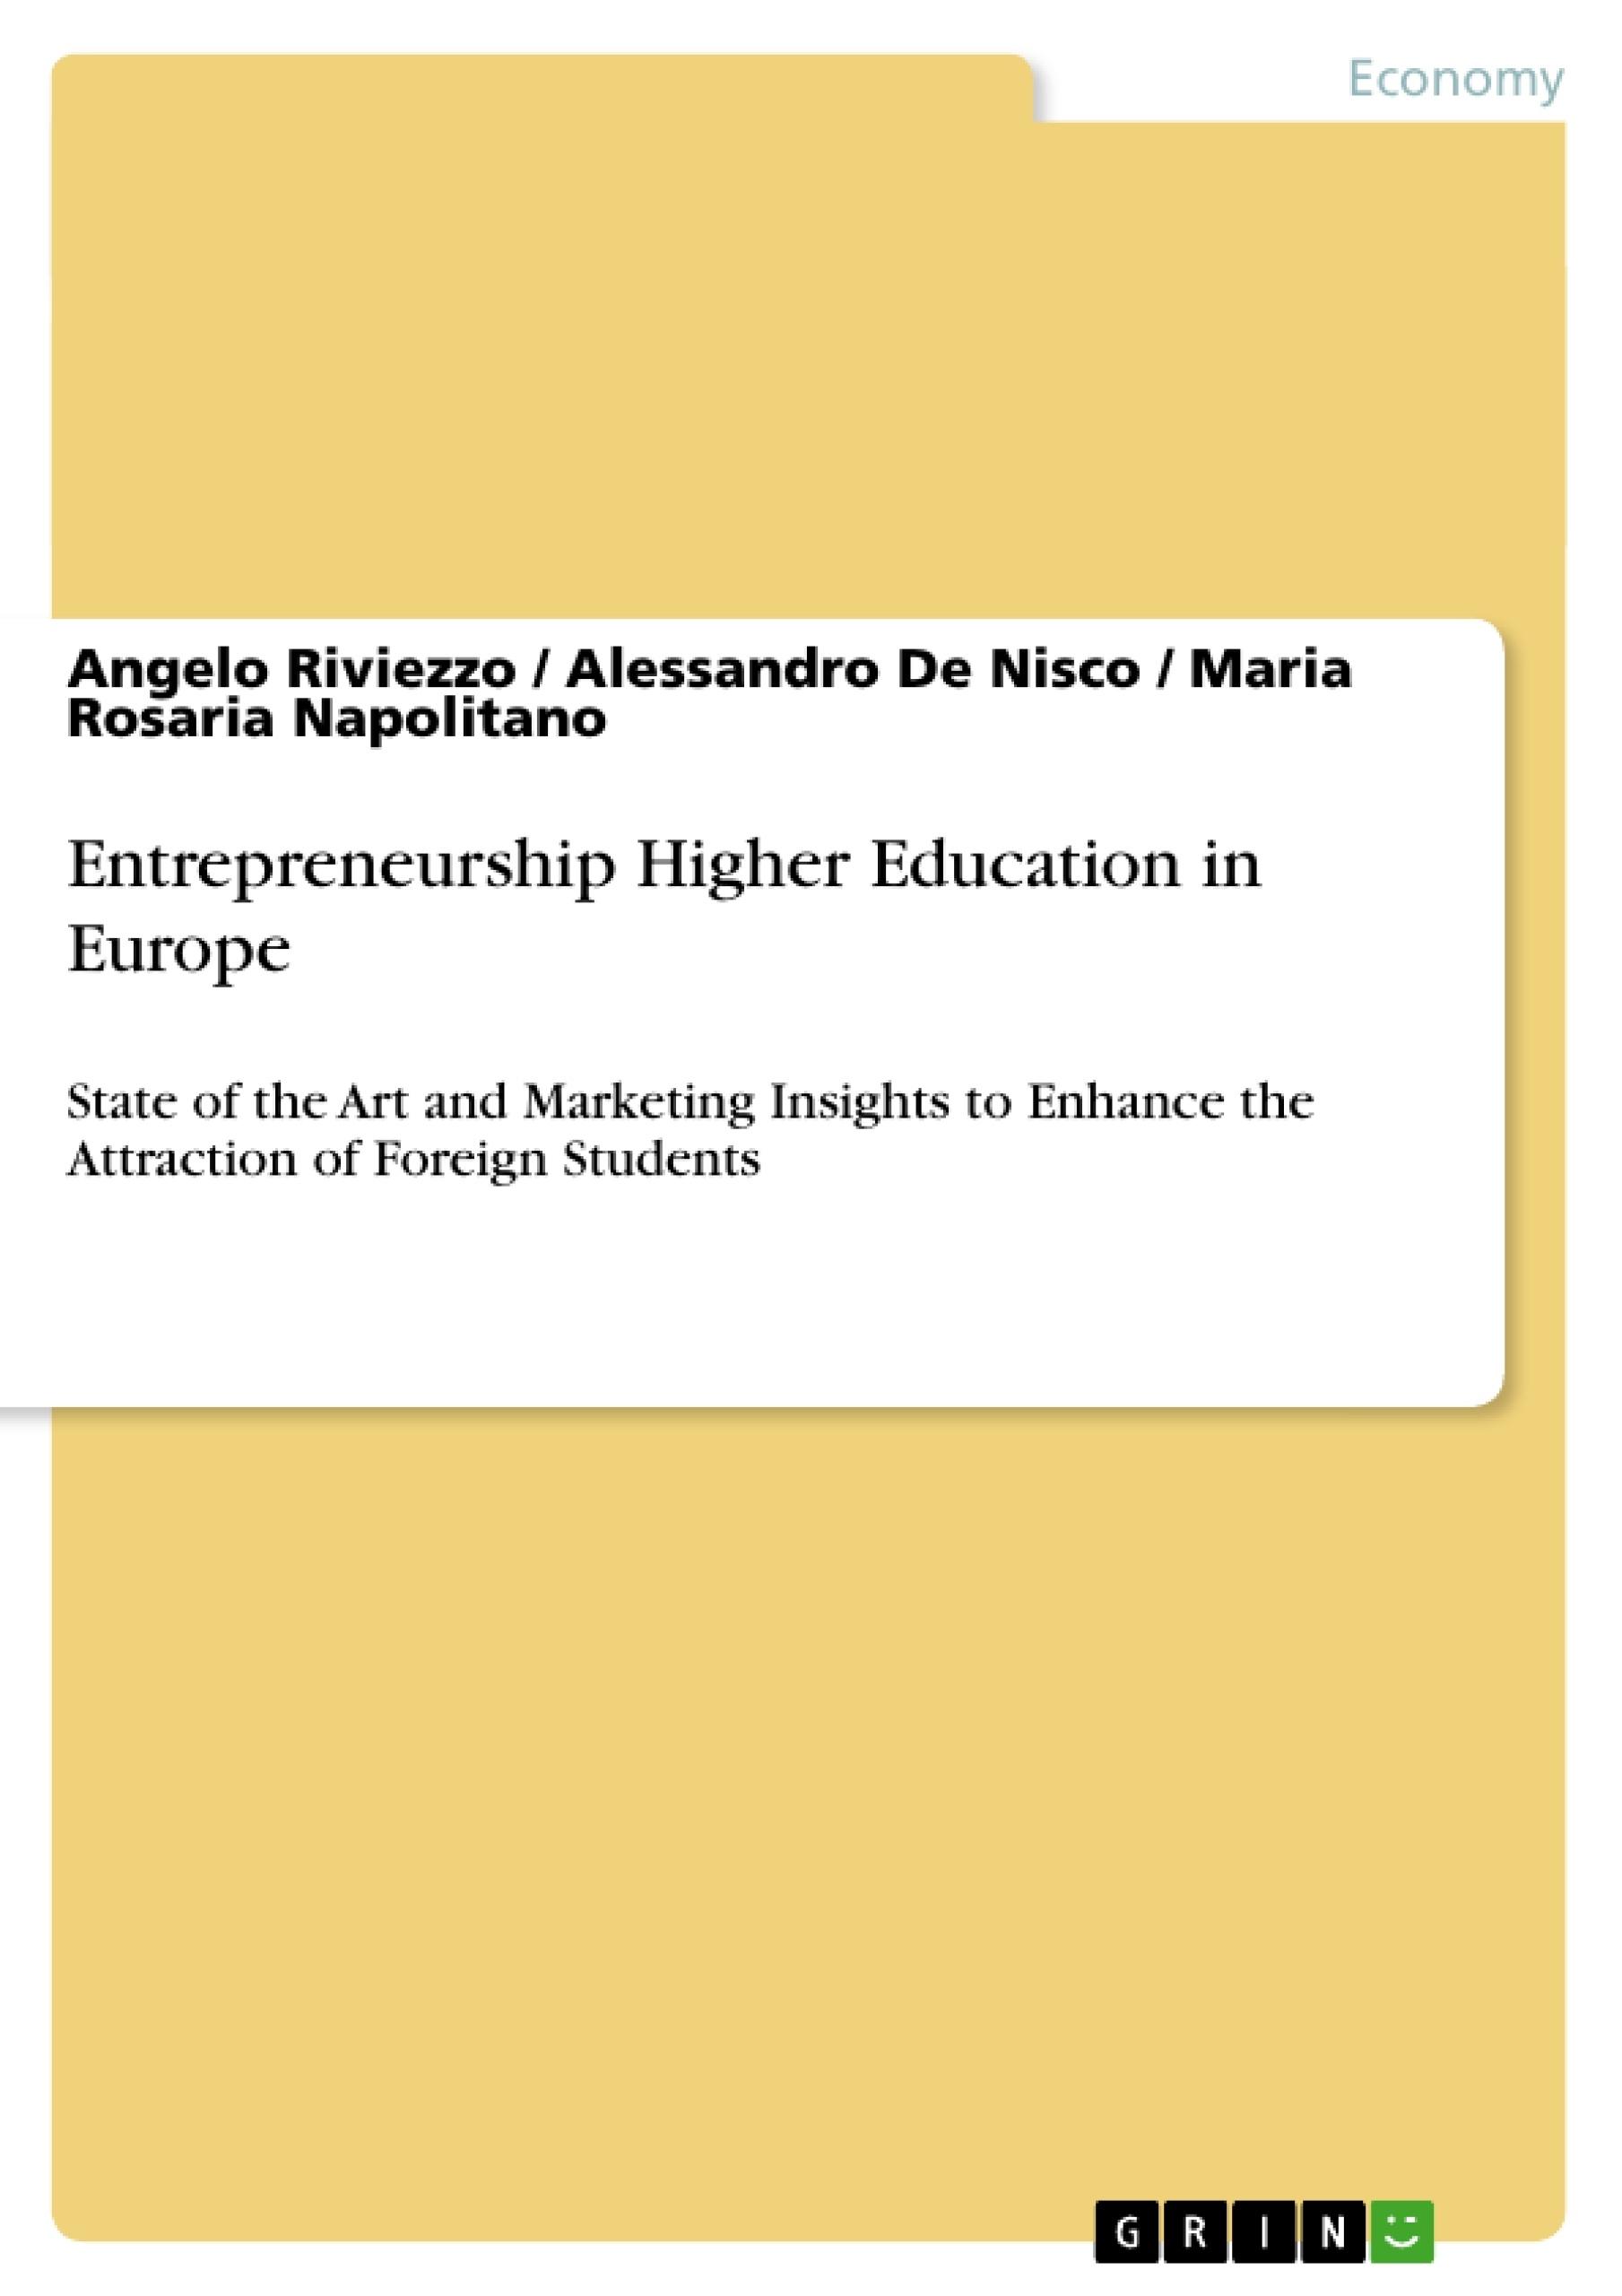 Title: Entrepreneurship Higher Education in Europe